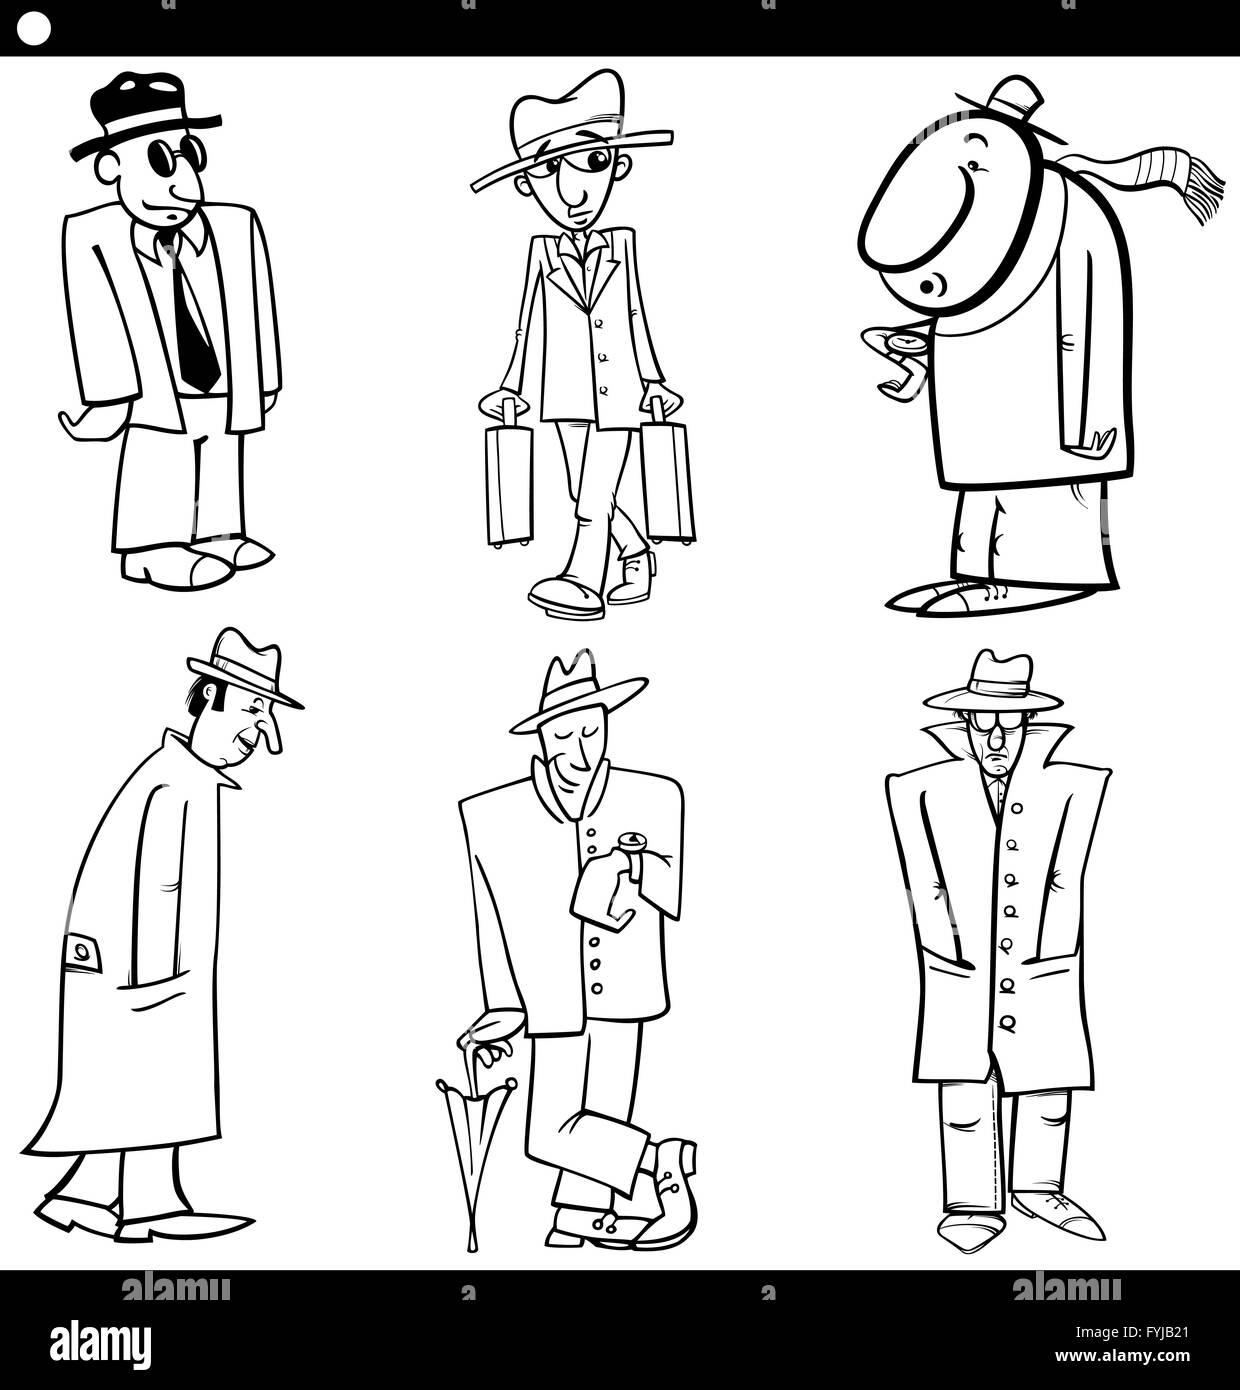 Men Charaktere Festgelegt Cartoon Illustration Stockfoto Bild